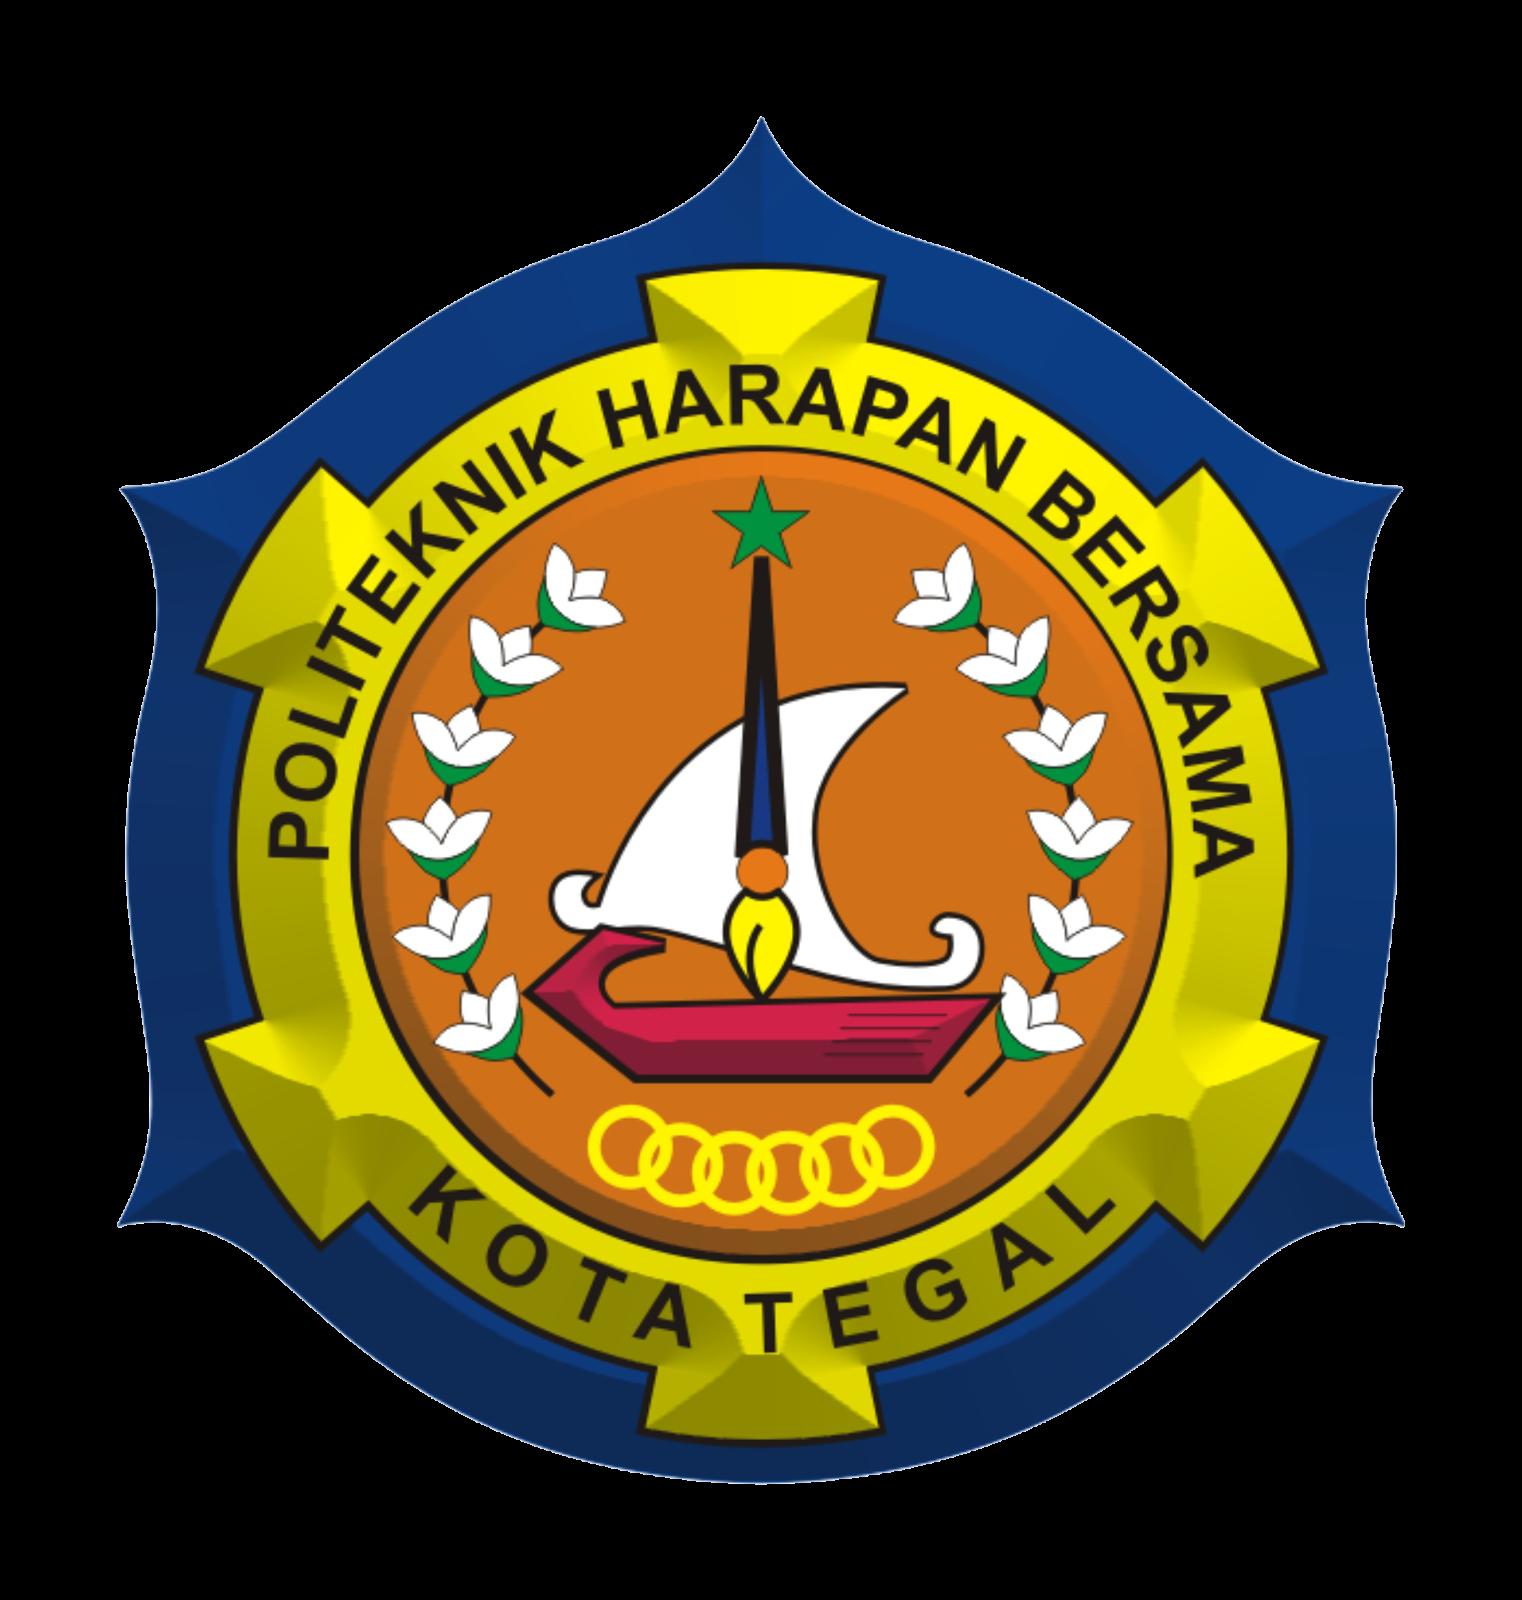 Politeknik HarBer Tegal